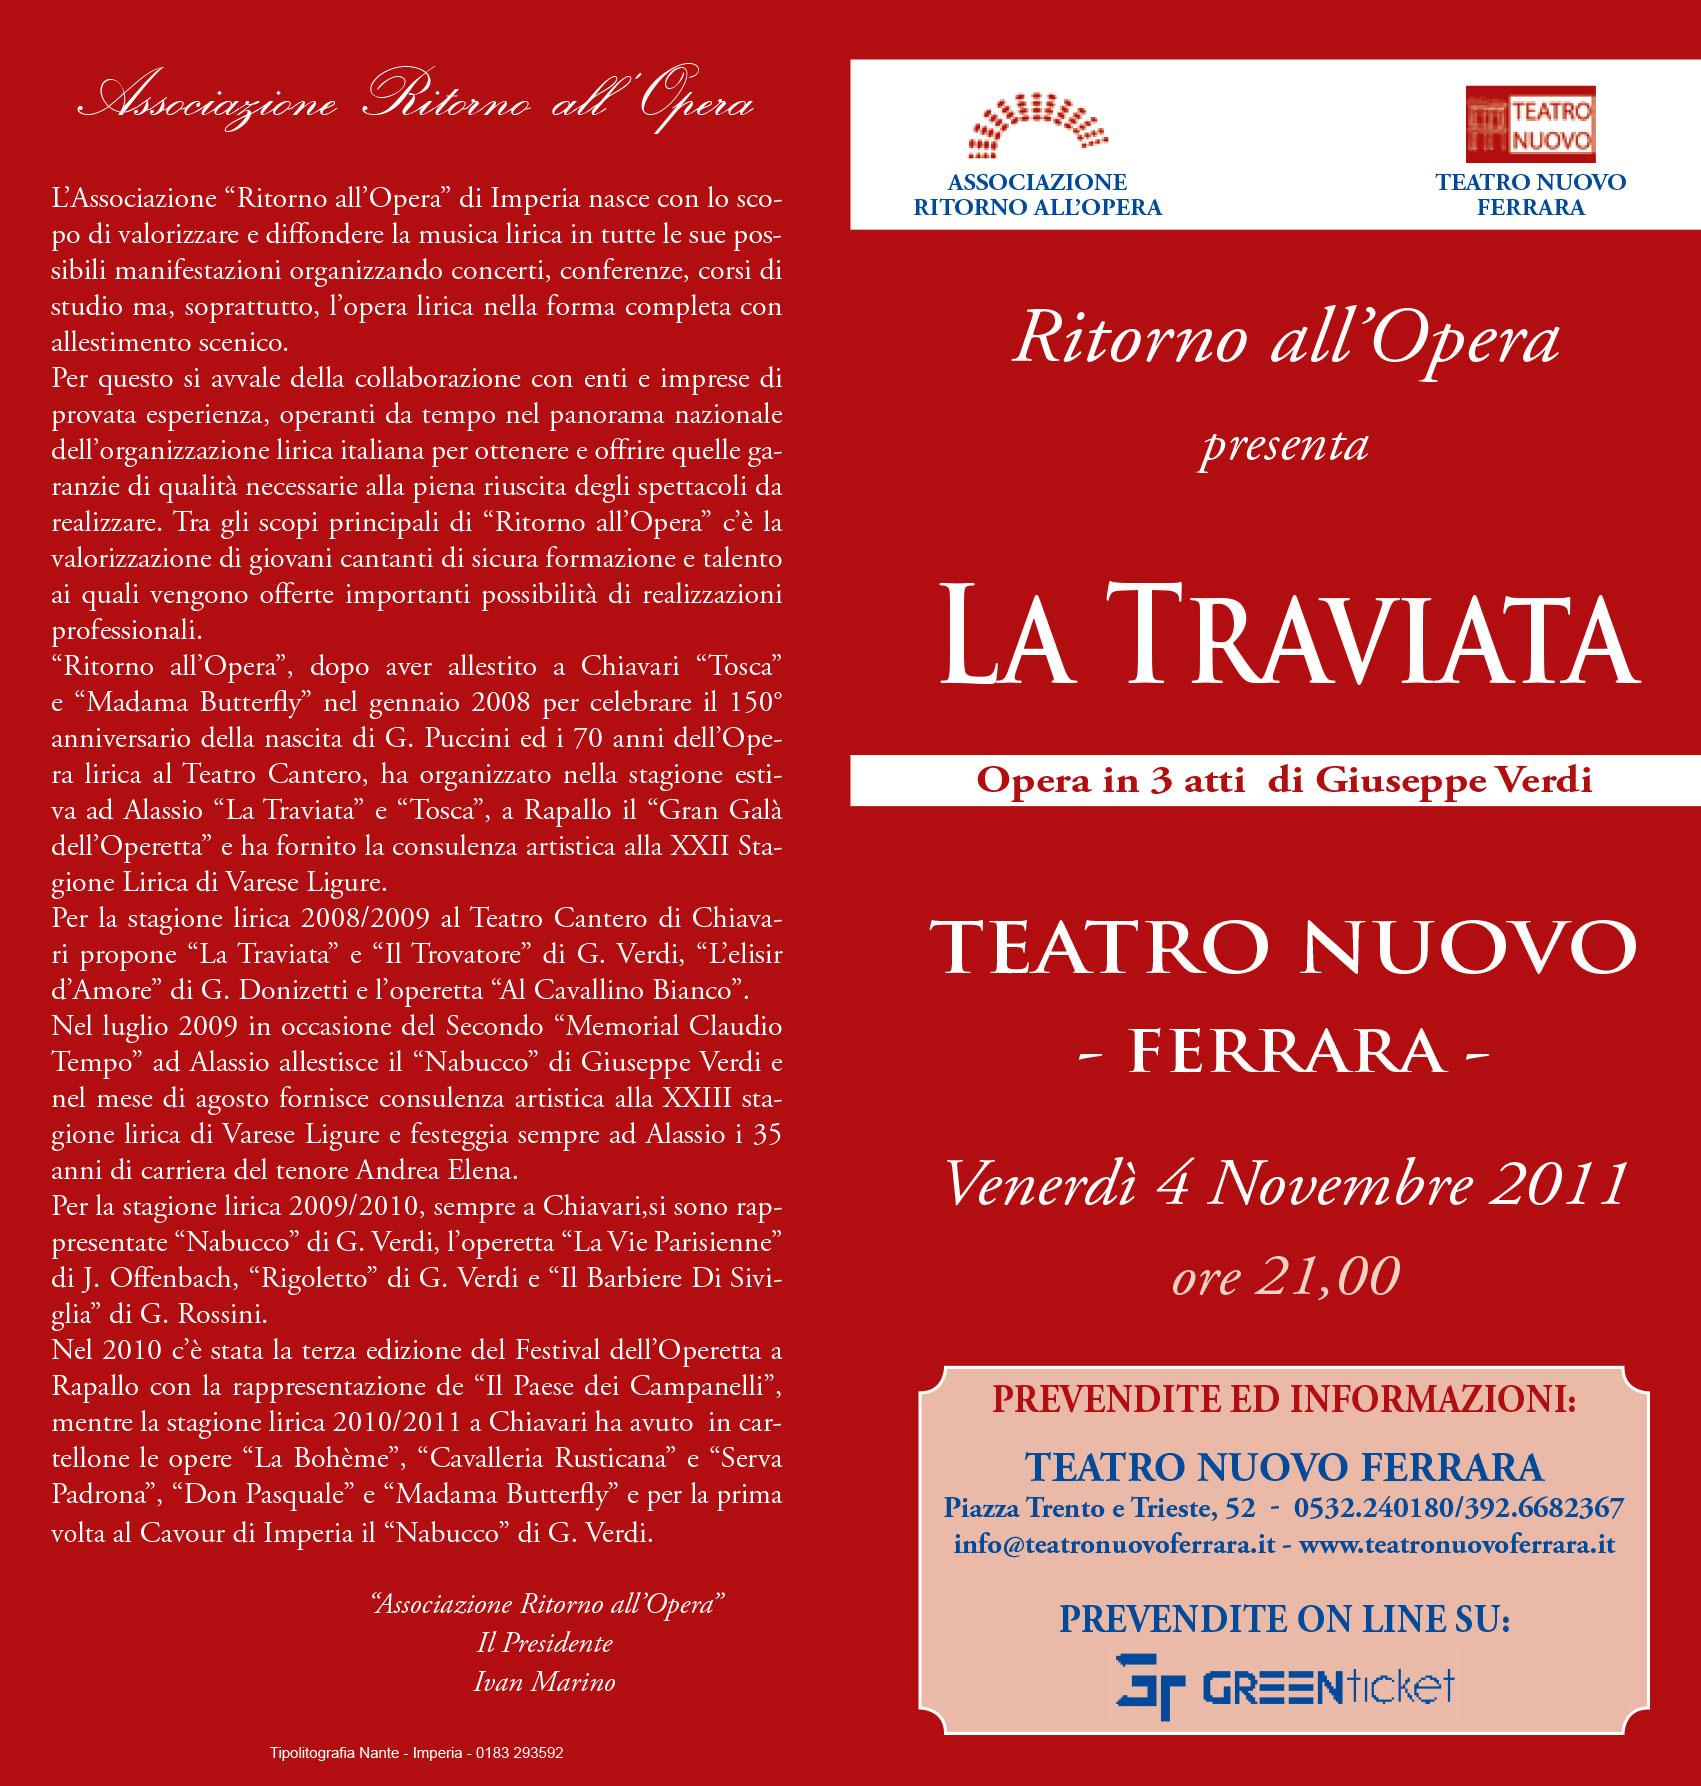 depliant-traviata-ferrara-1